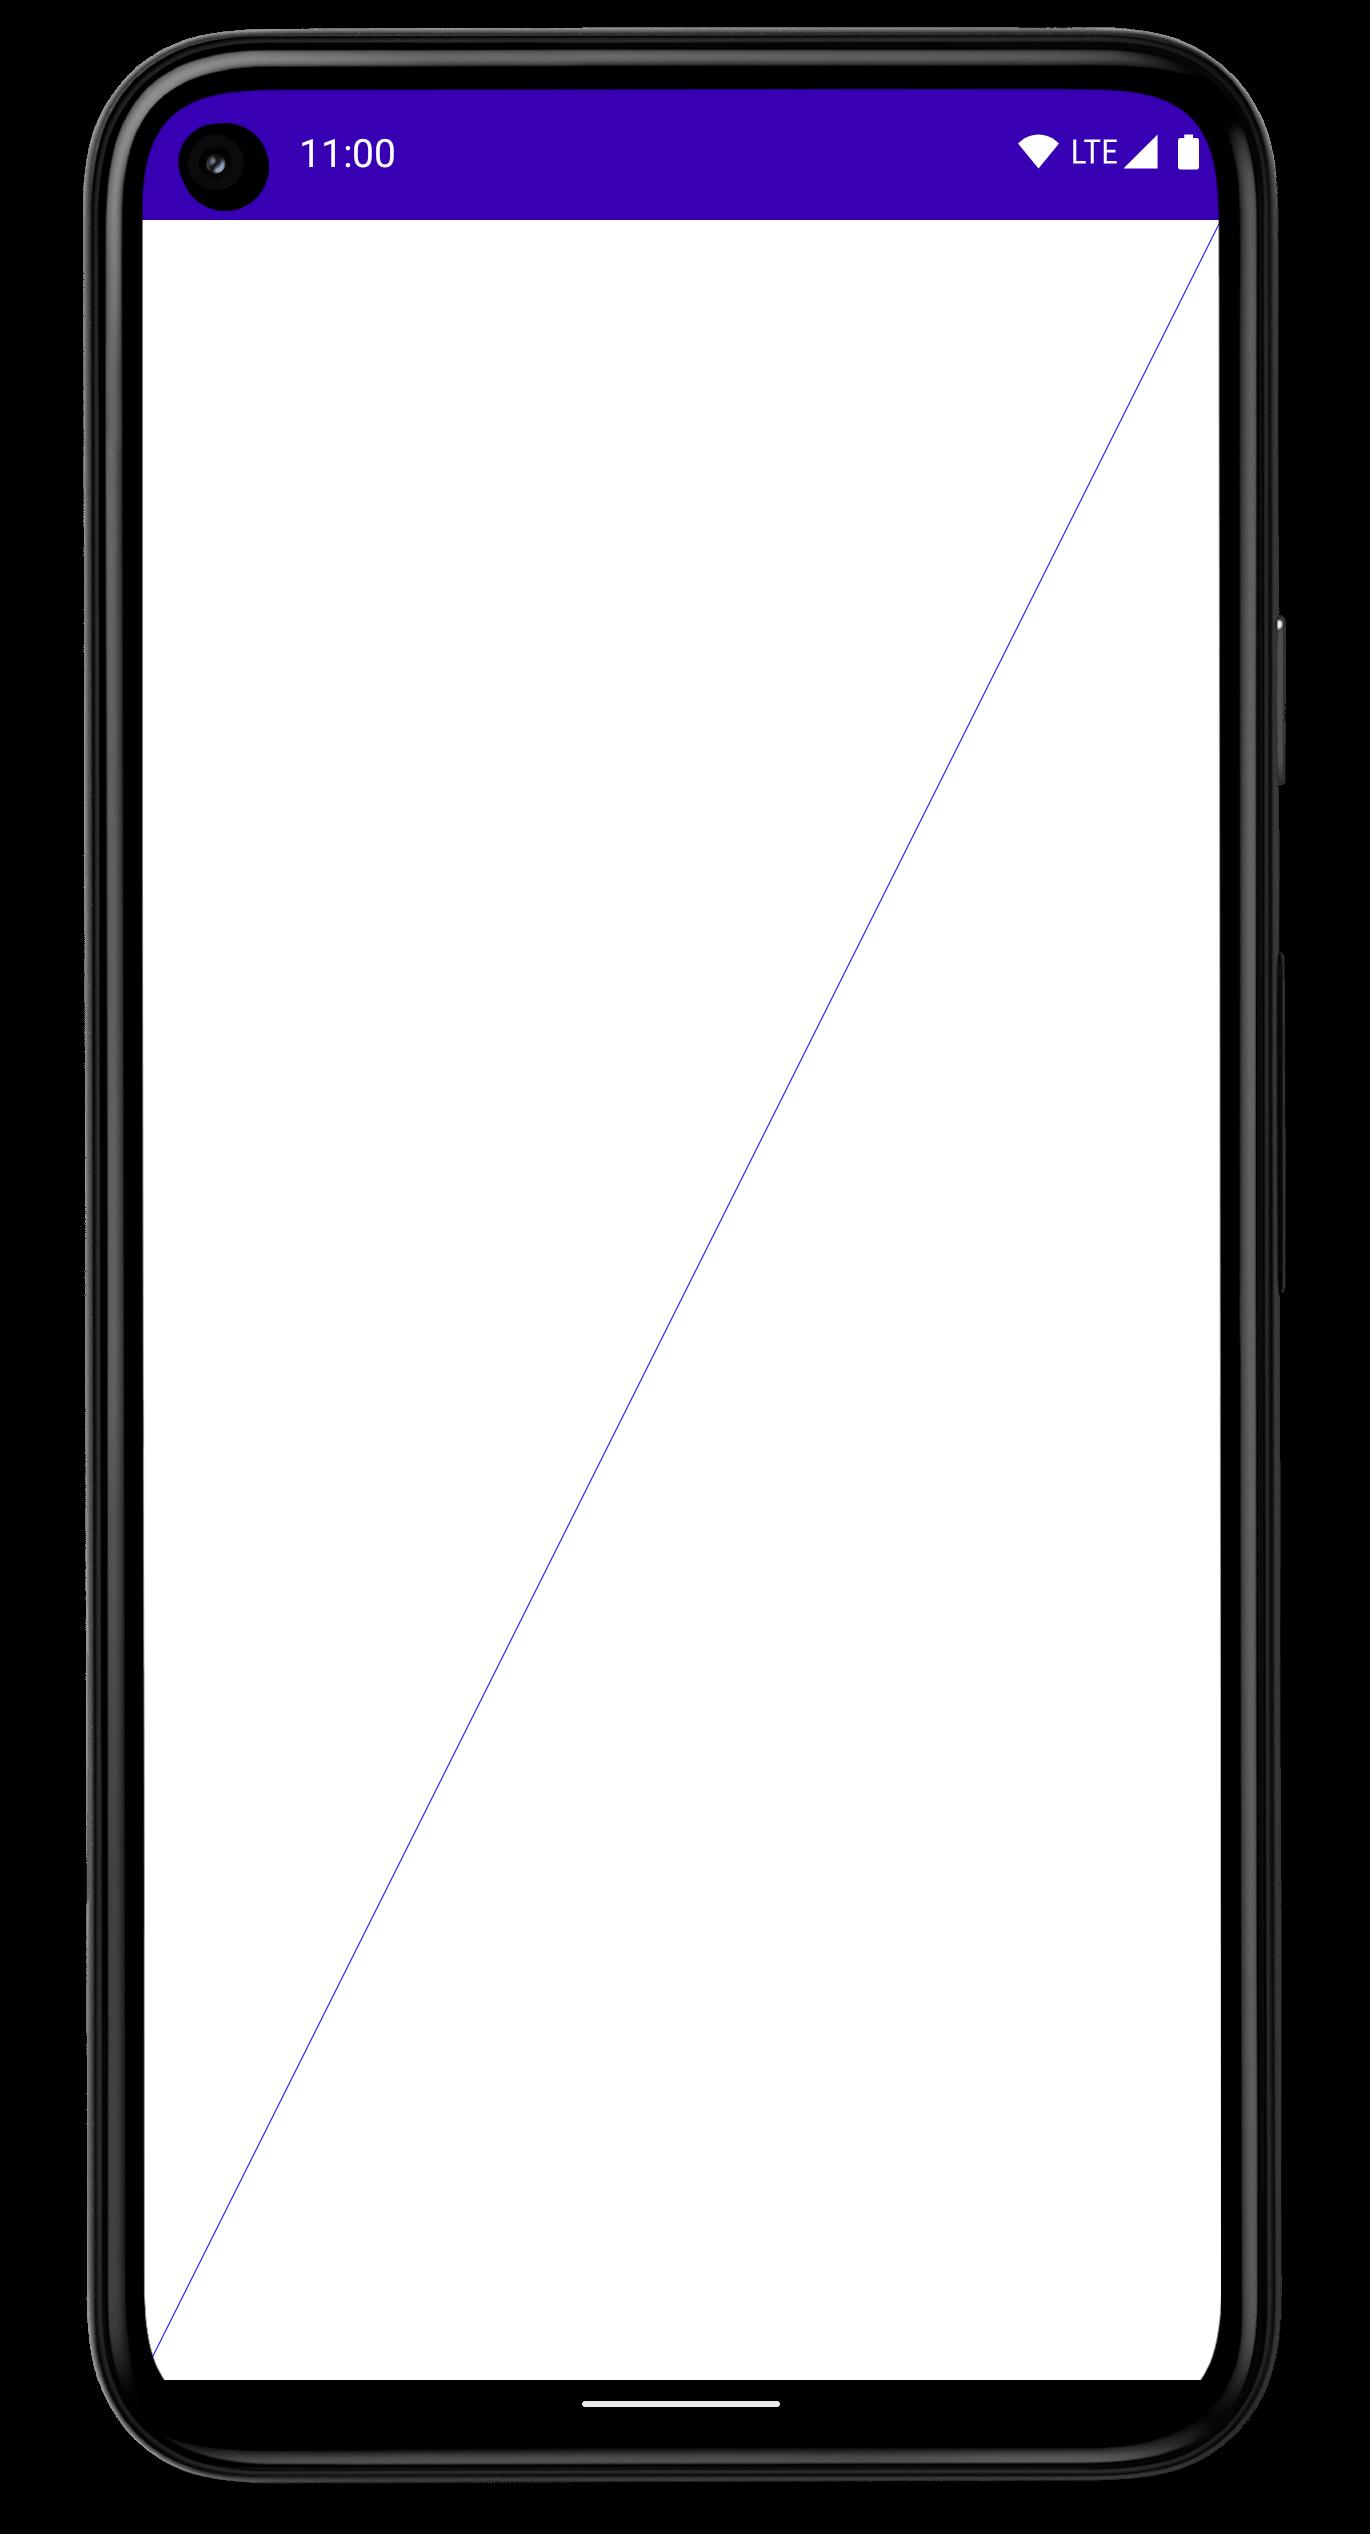 Smartphone com uma linha fina desenhada na diagonal da tela